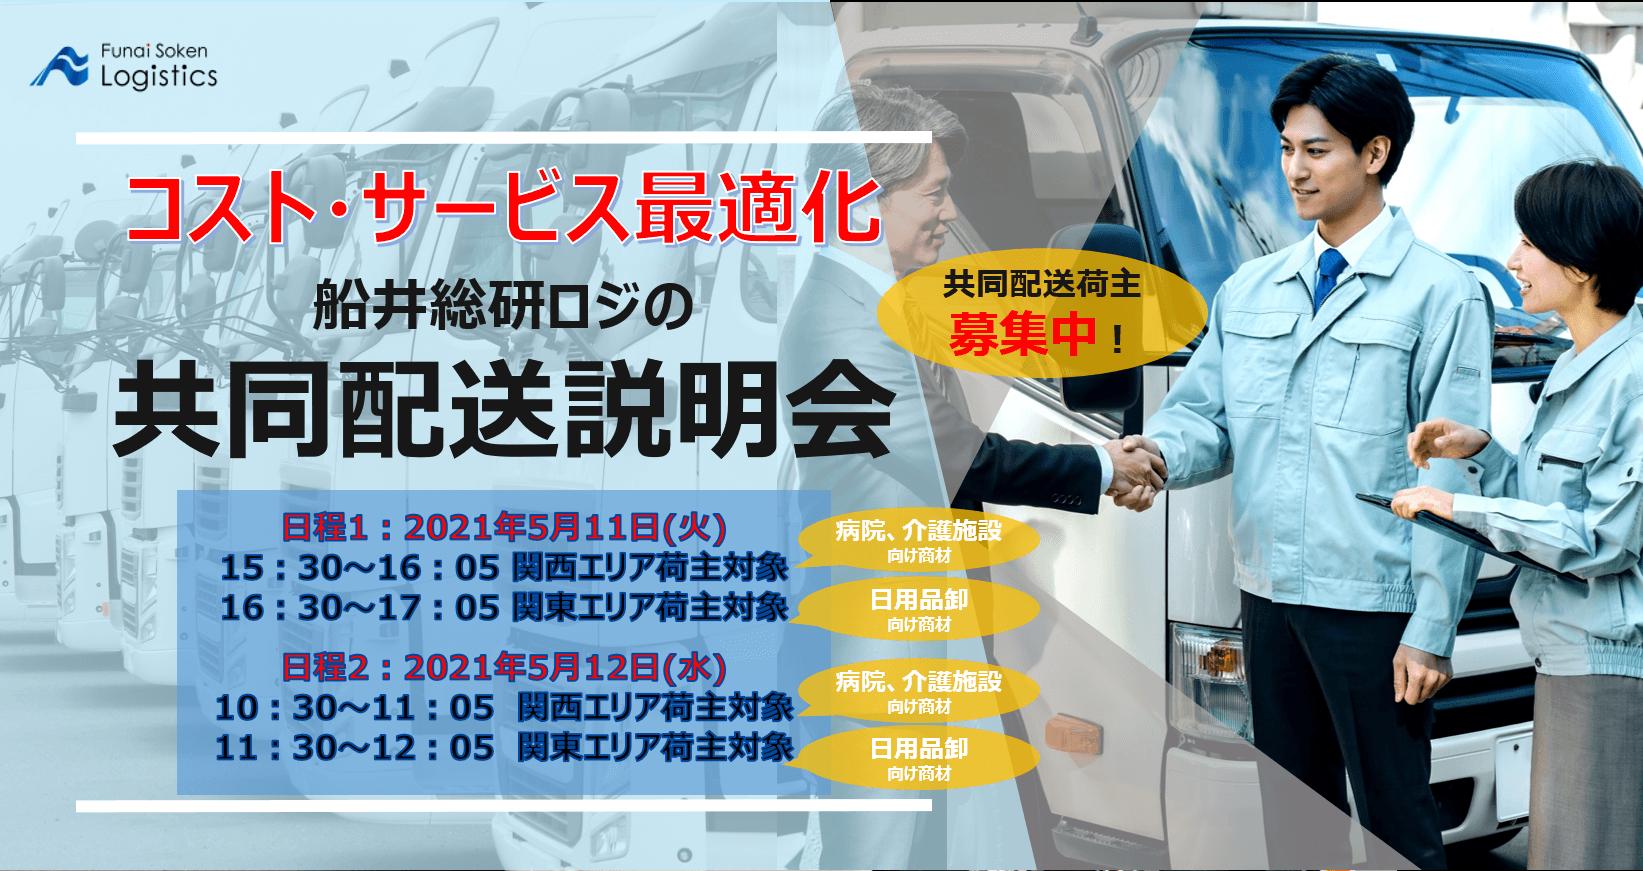 共同配送説明会|船井総研ロジ株式会社